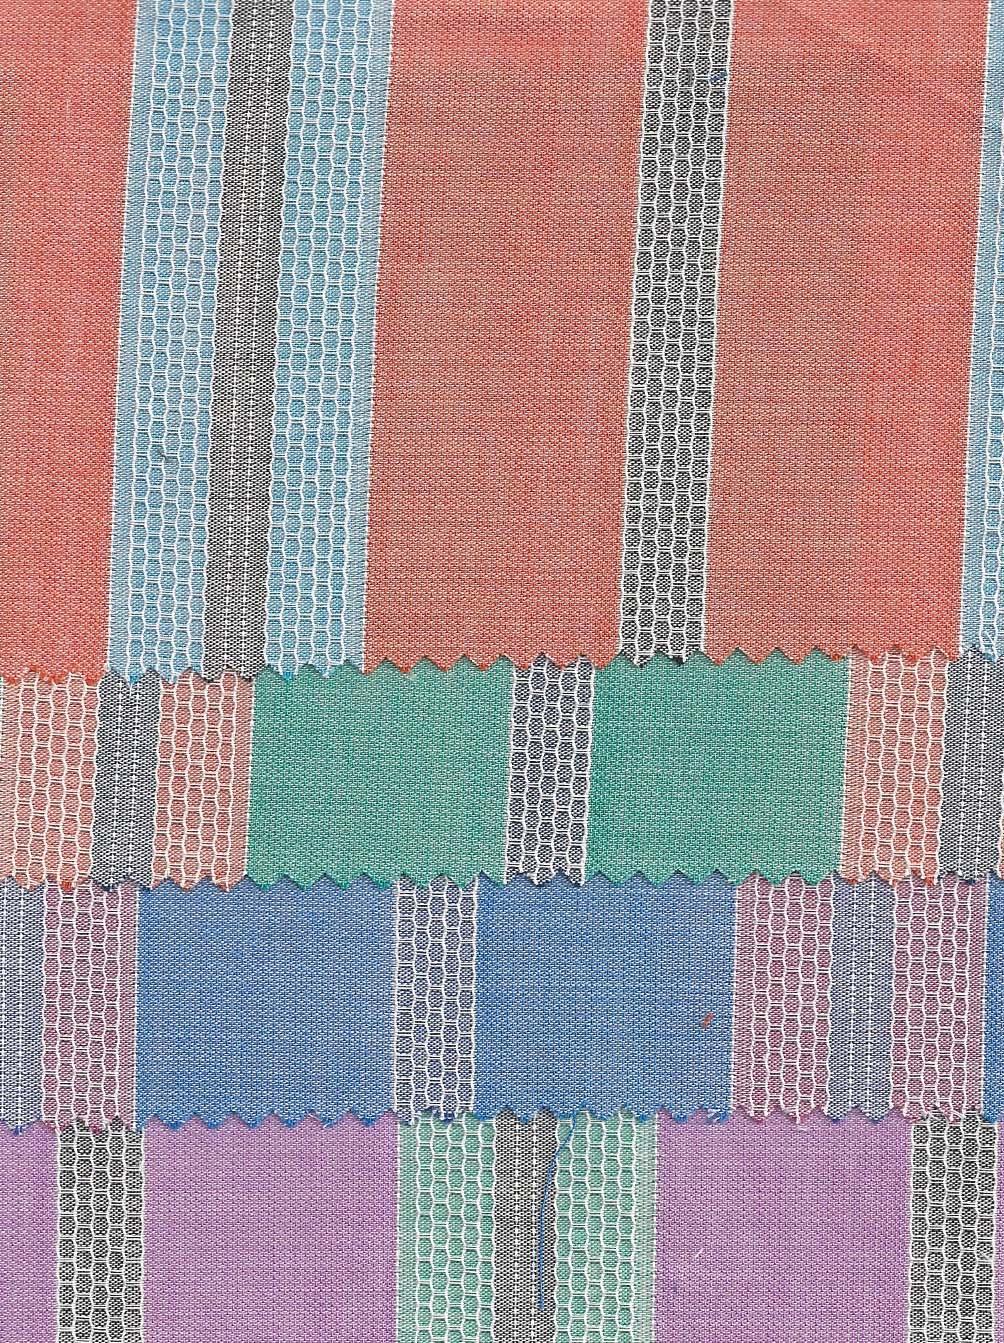 Yi Sheng Textile K2-4012.jpg